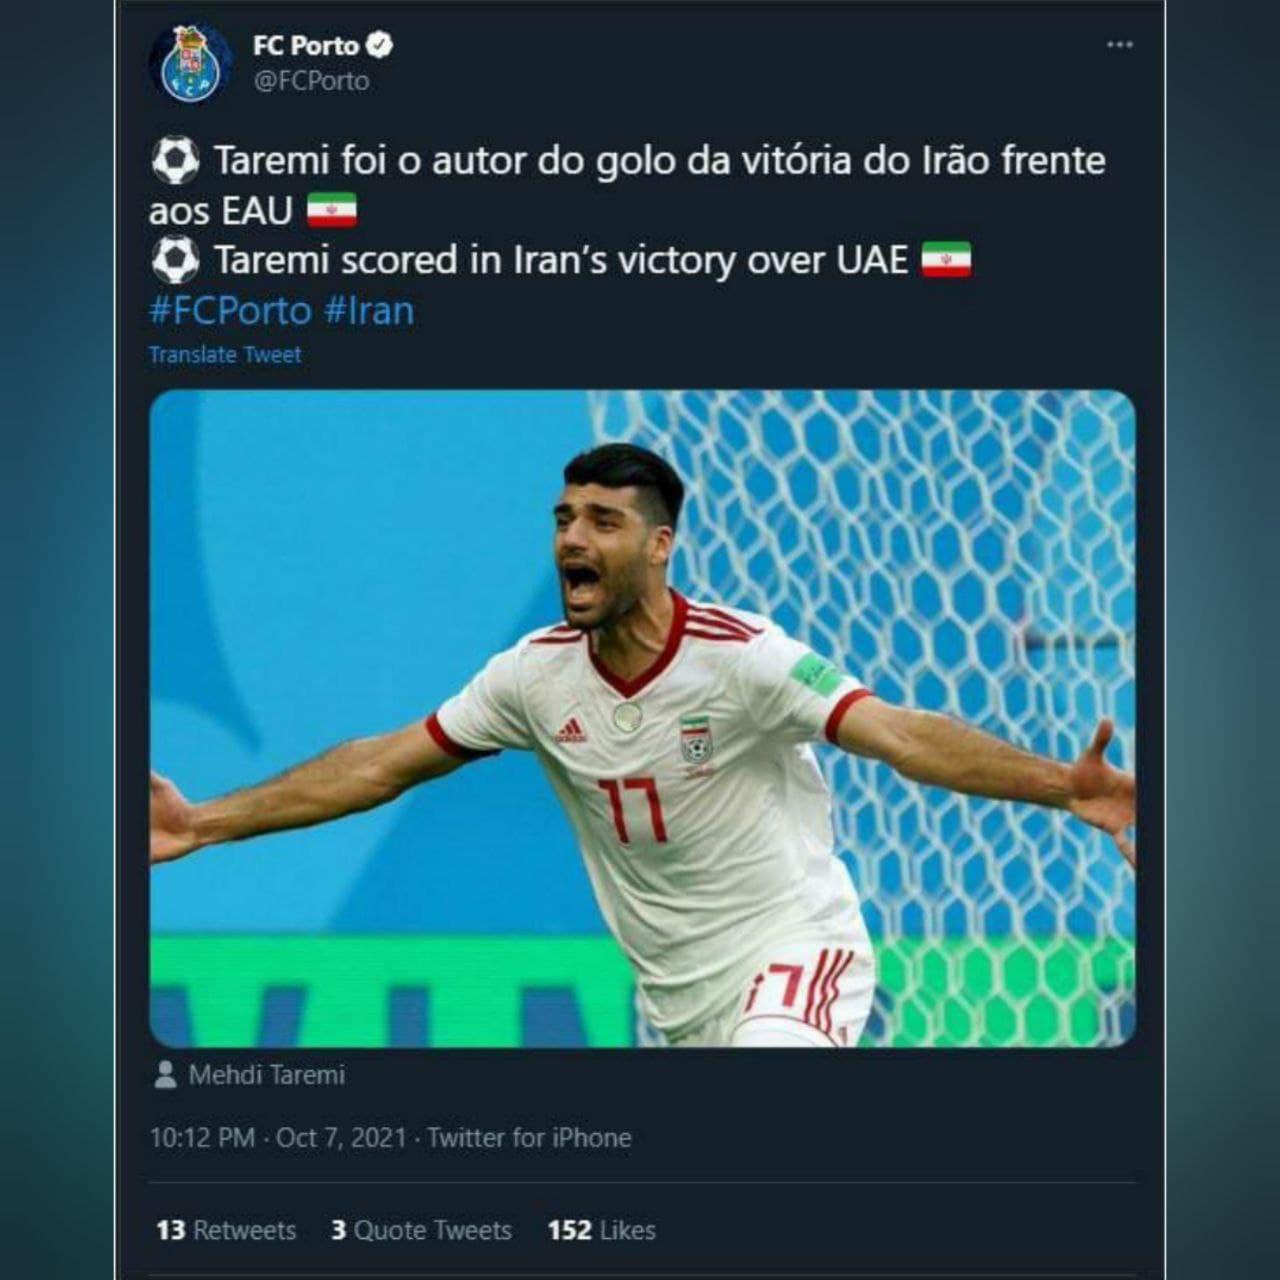 واکنش باشگاه پورتو به درخشش طارمی